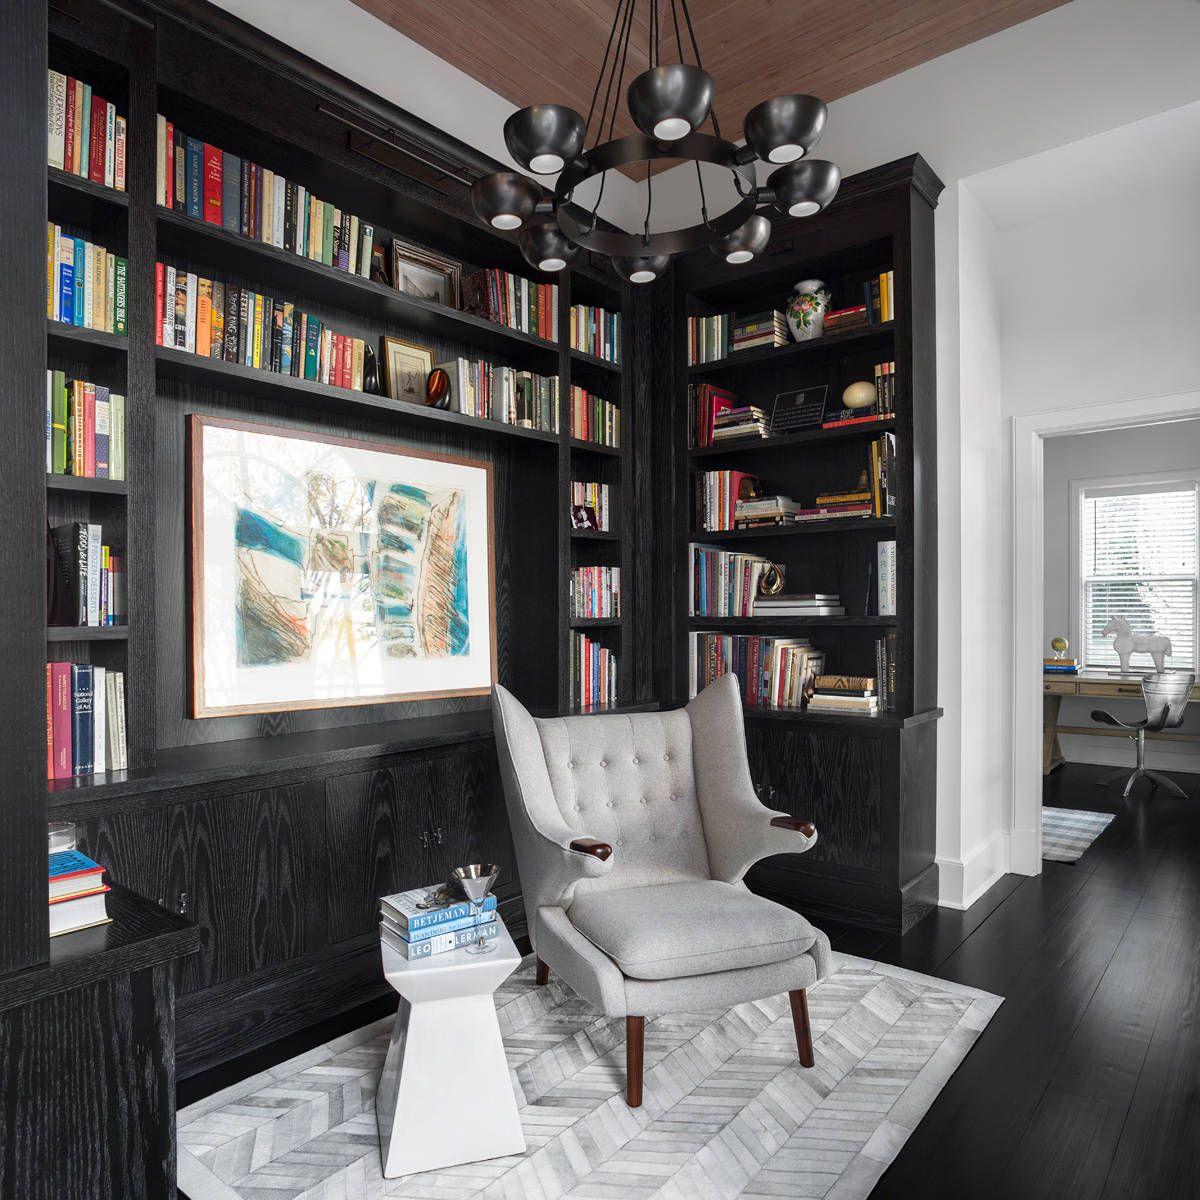 mobili-adatti-pavimenti-color-nero-4